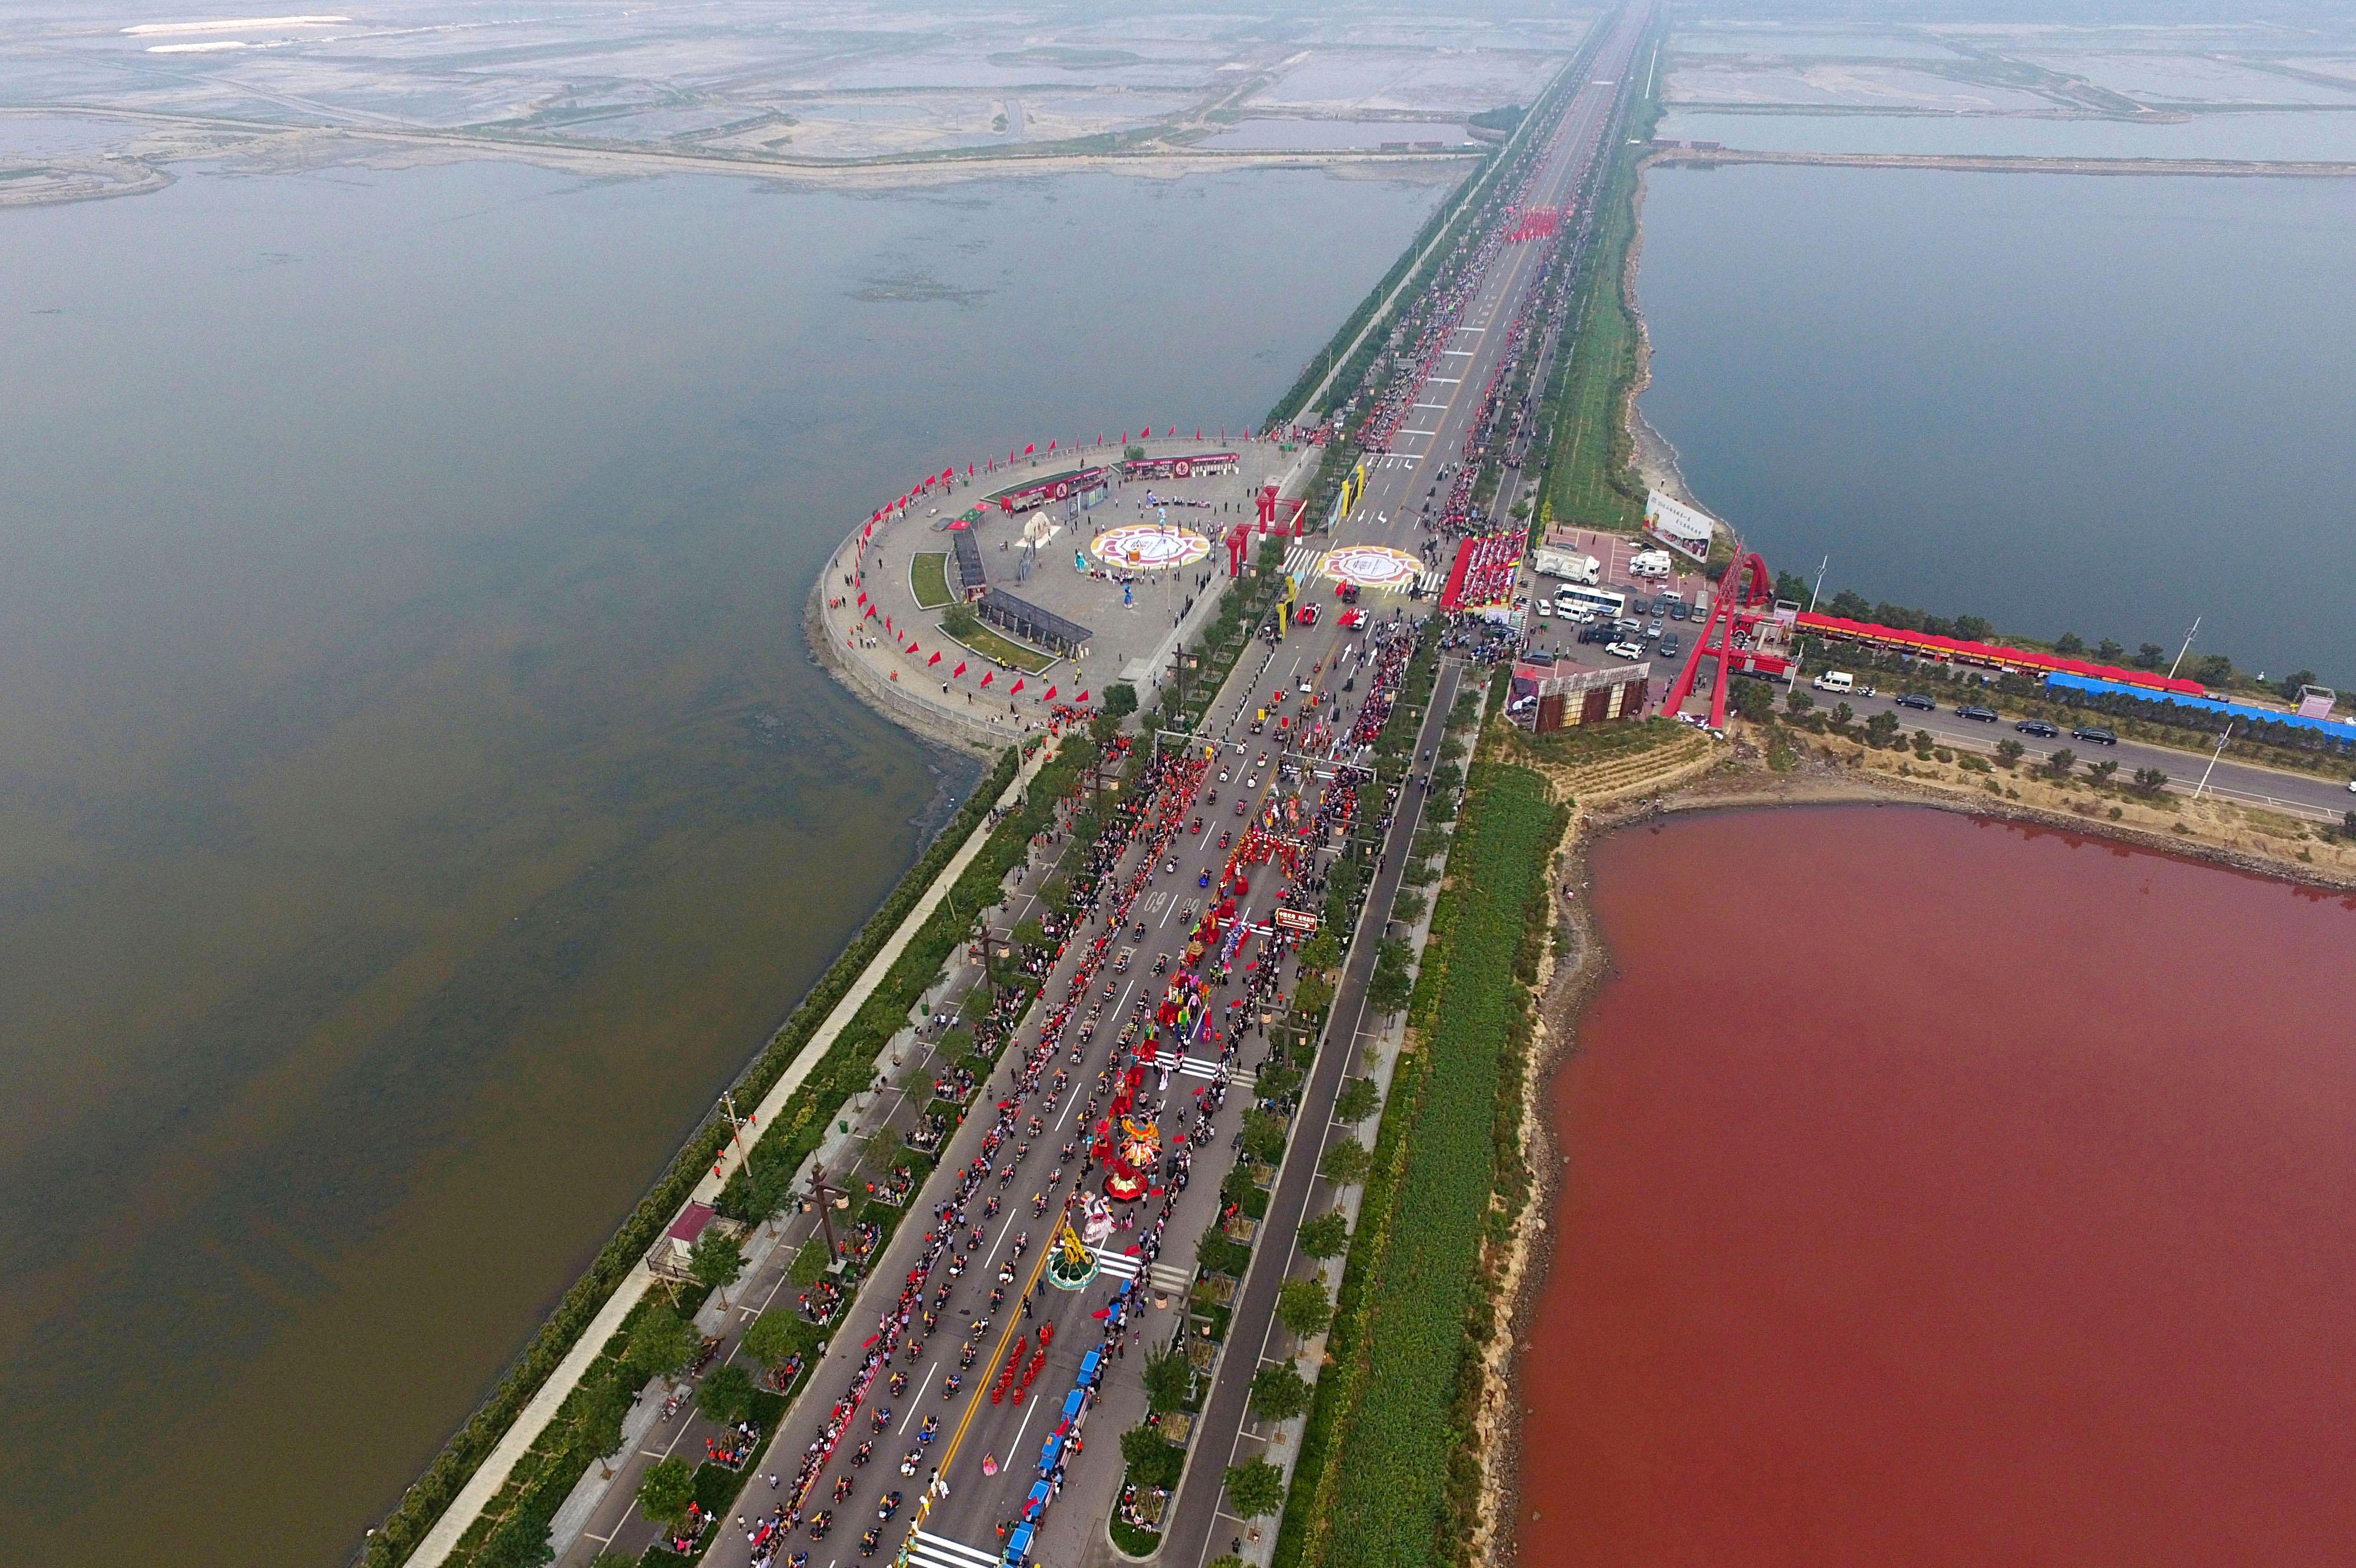 CHINA-ODDLY/